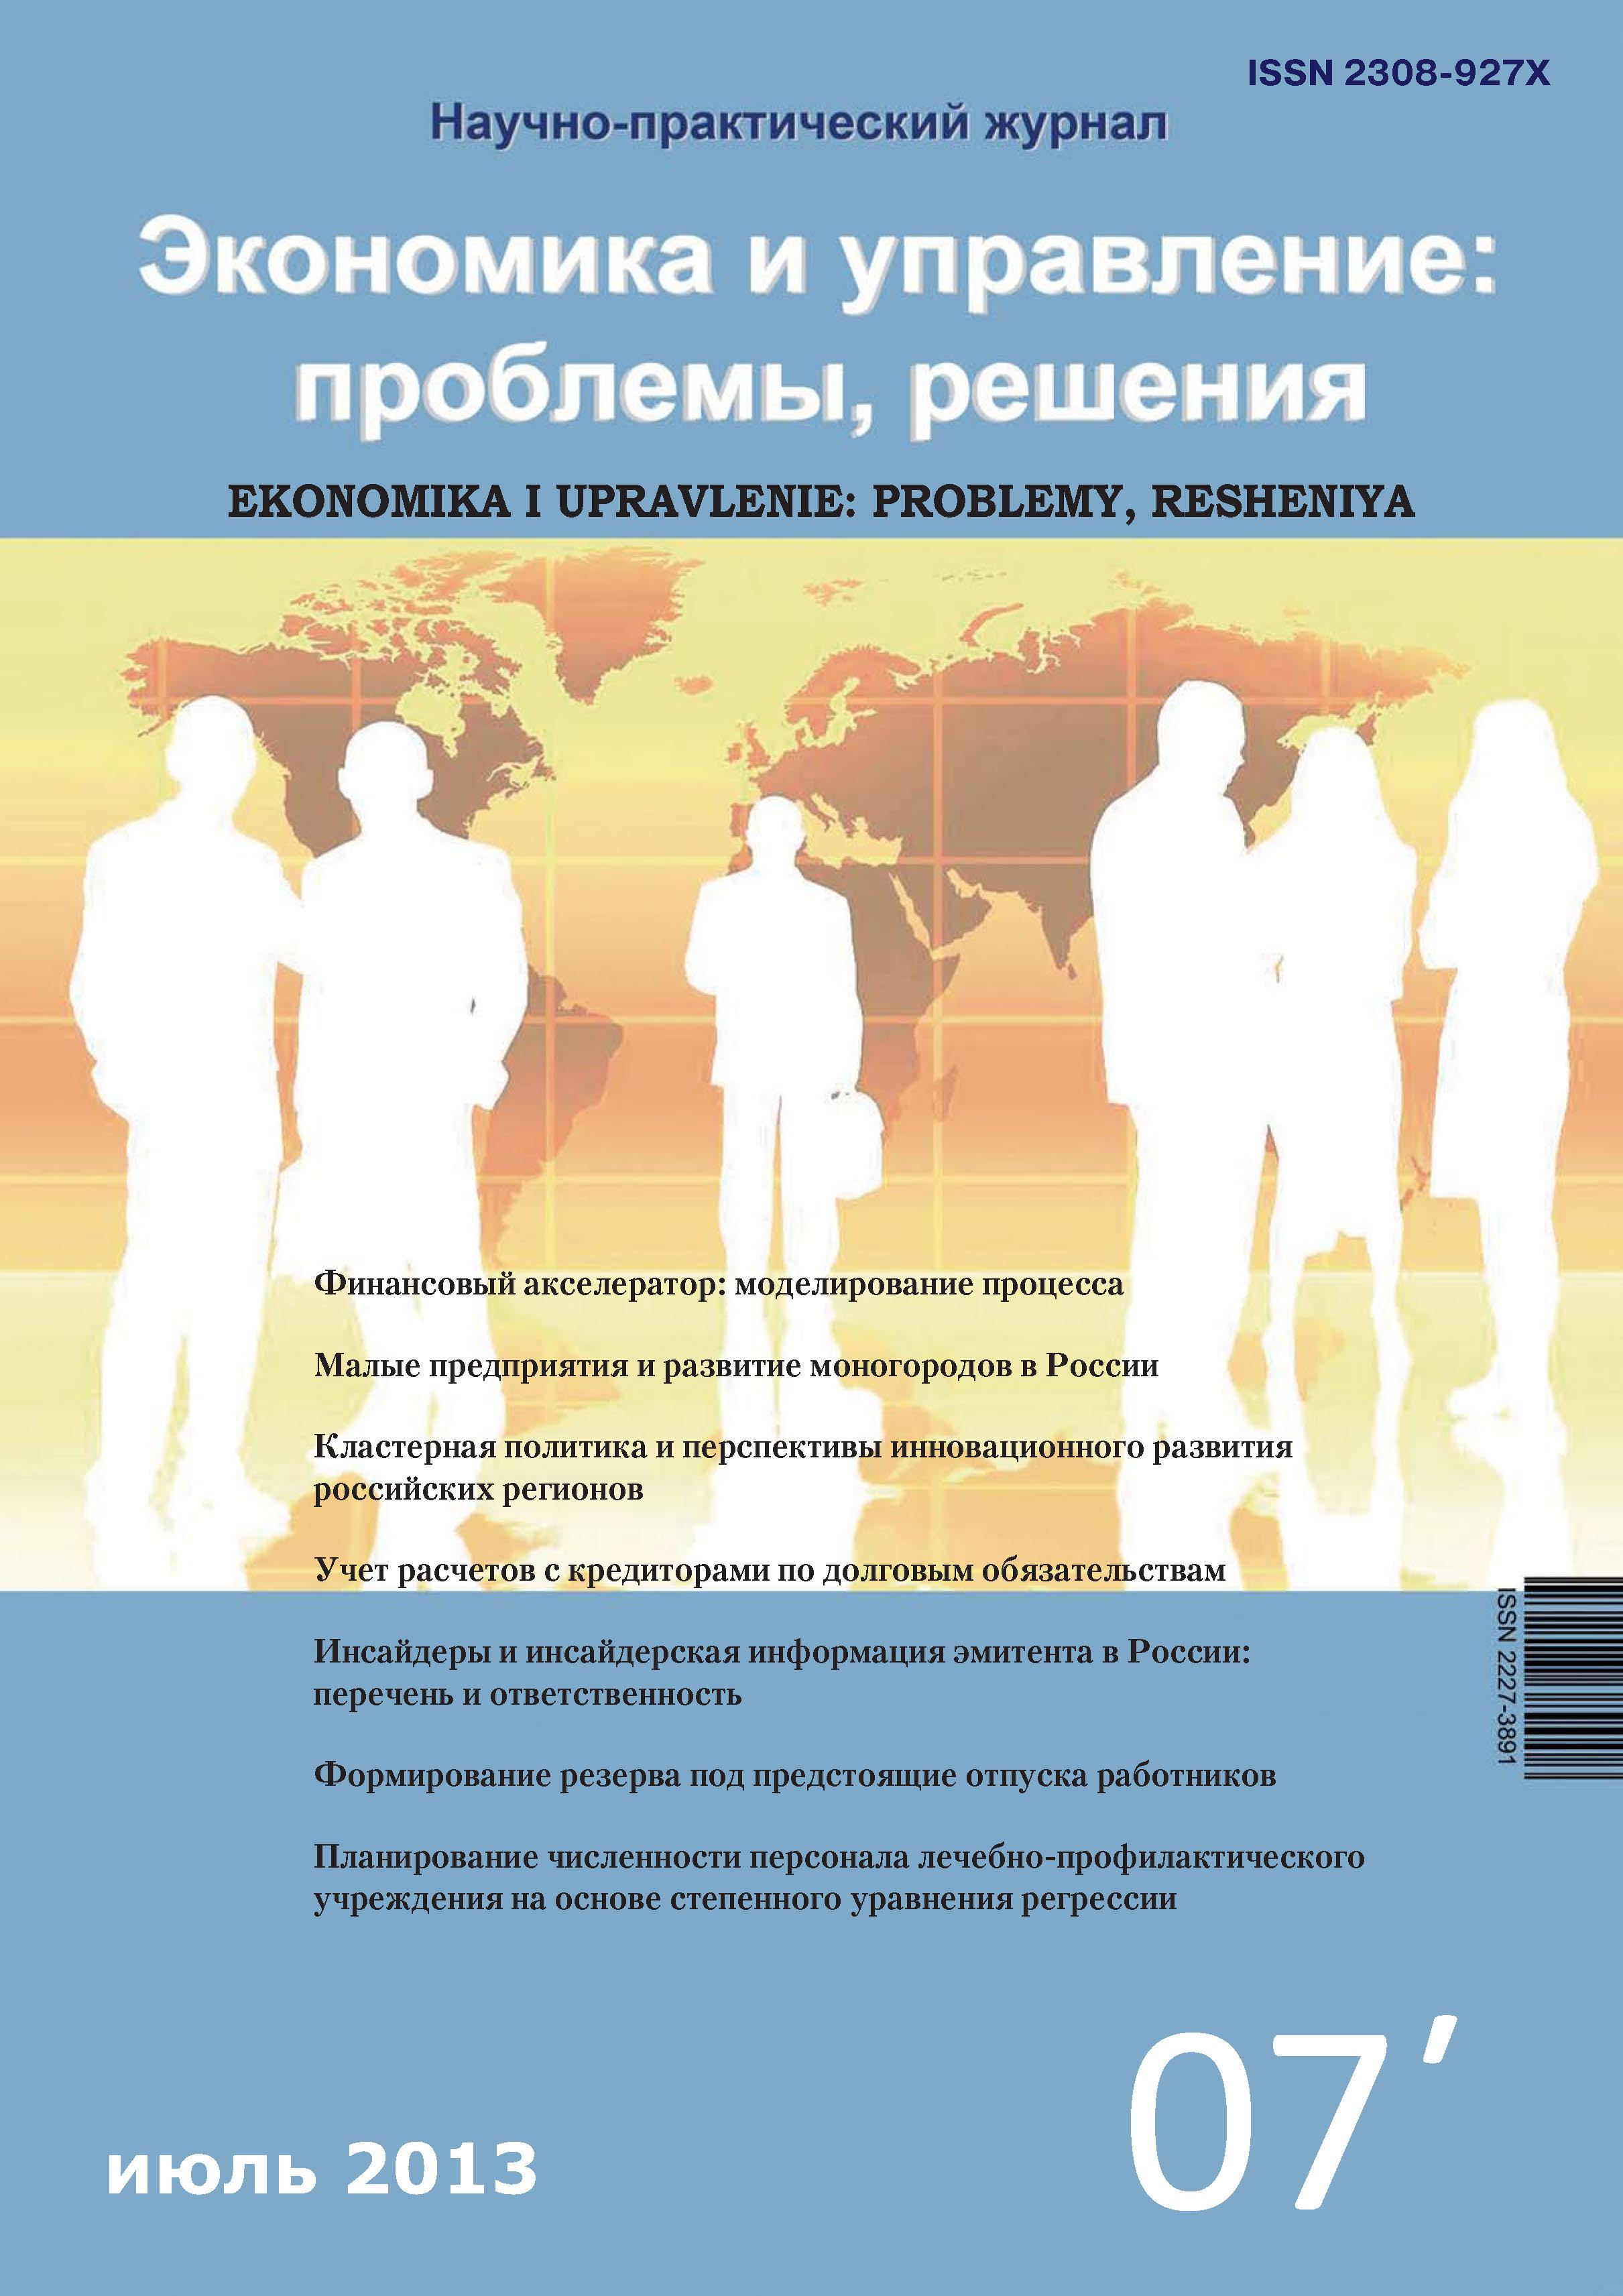 Экономика и управление: проблемы, решения №07/2013